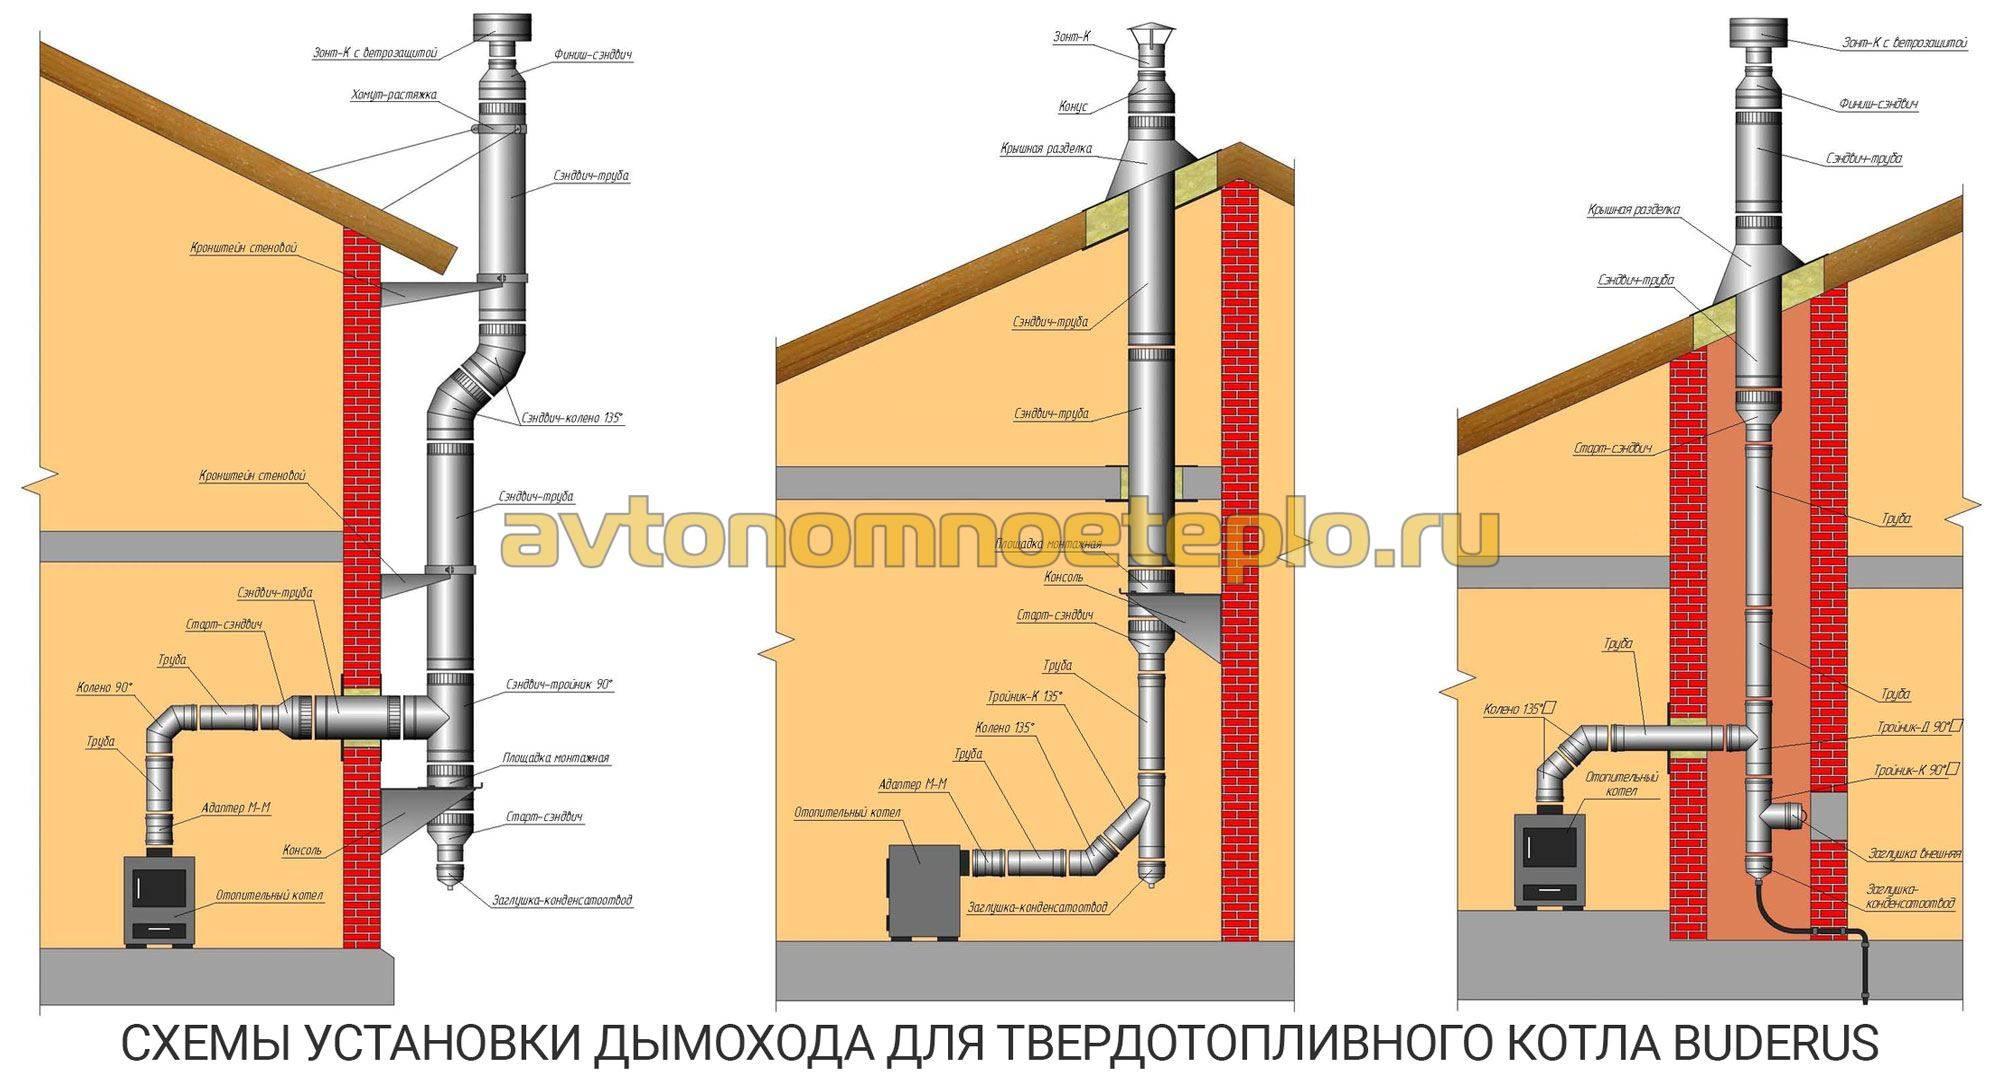 Правила установки дымохода для твердотопливного котла